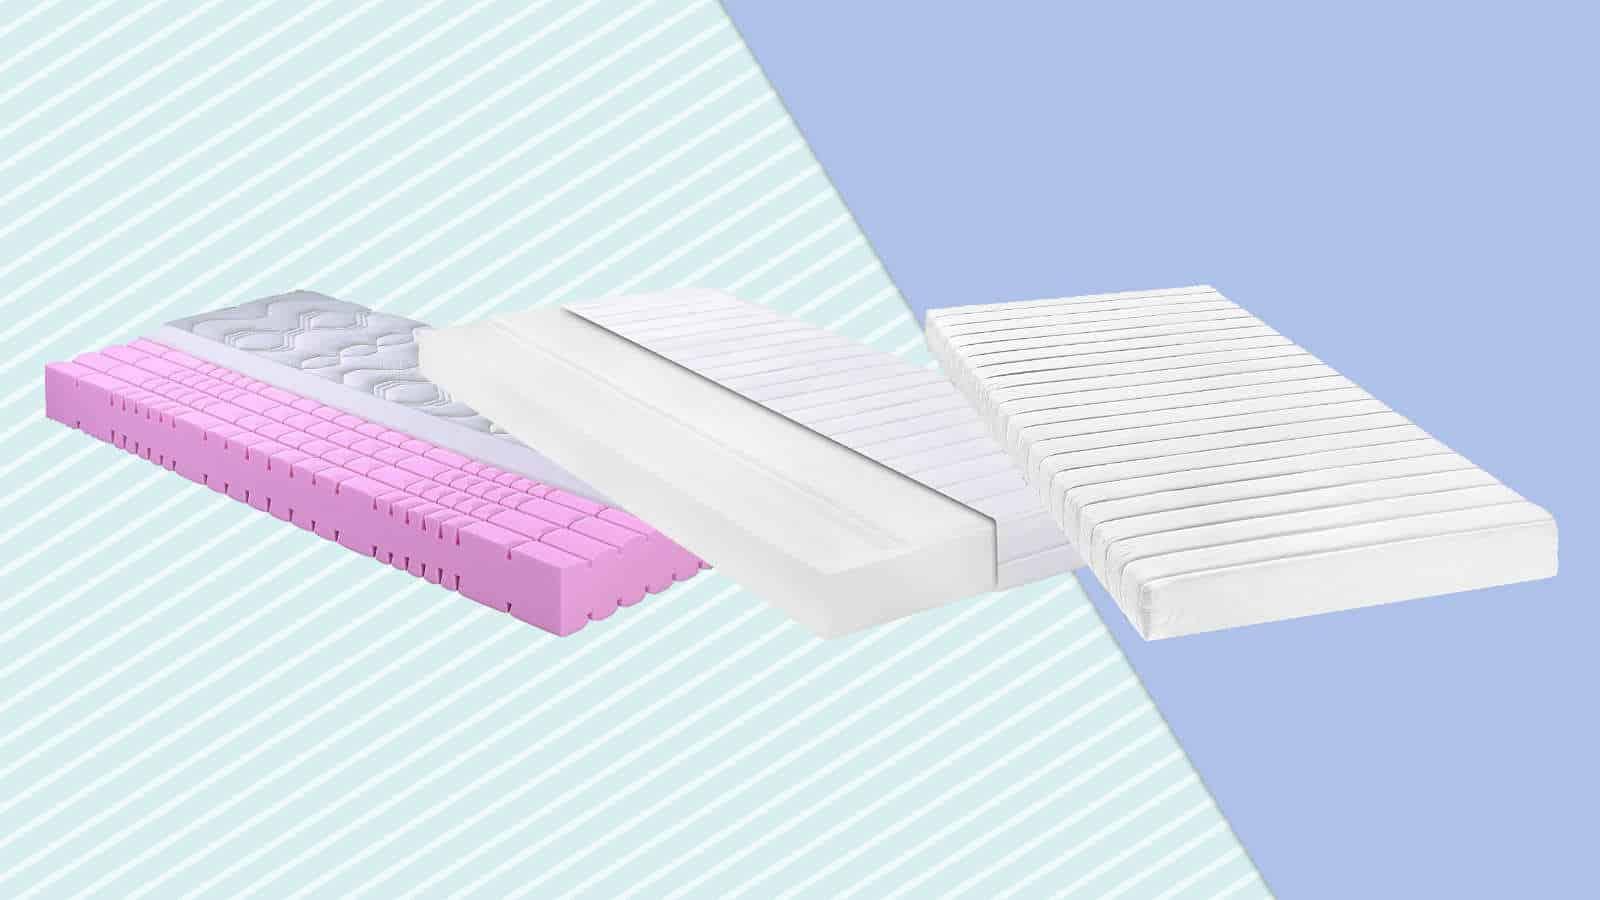 Rollmatratze Vergleich 2020- 10 beste Rollmatratzen im Check